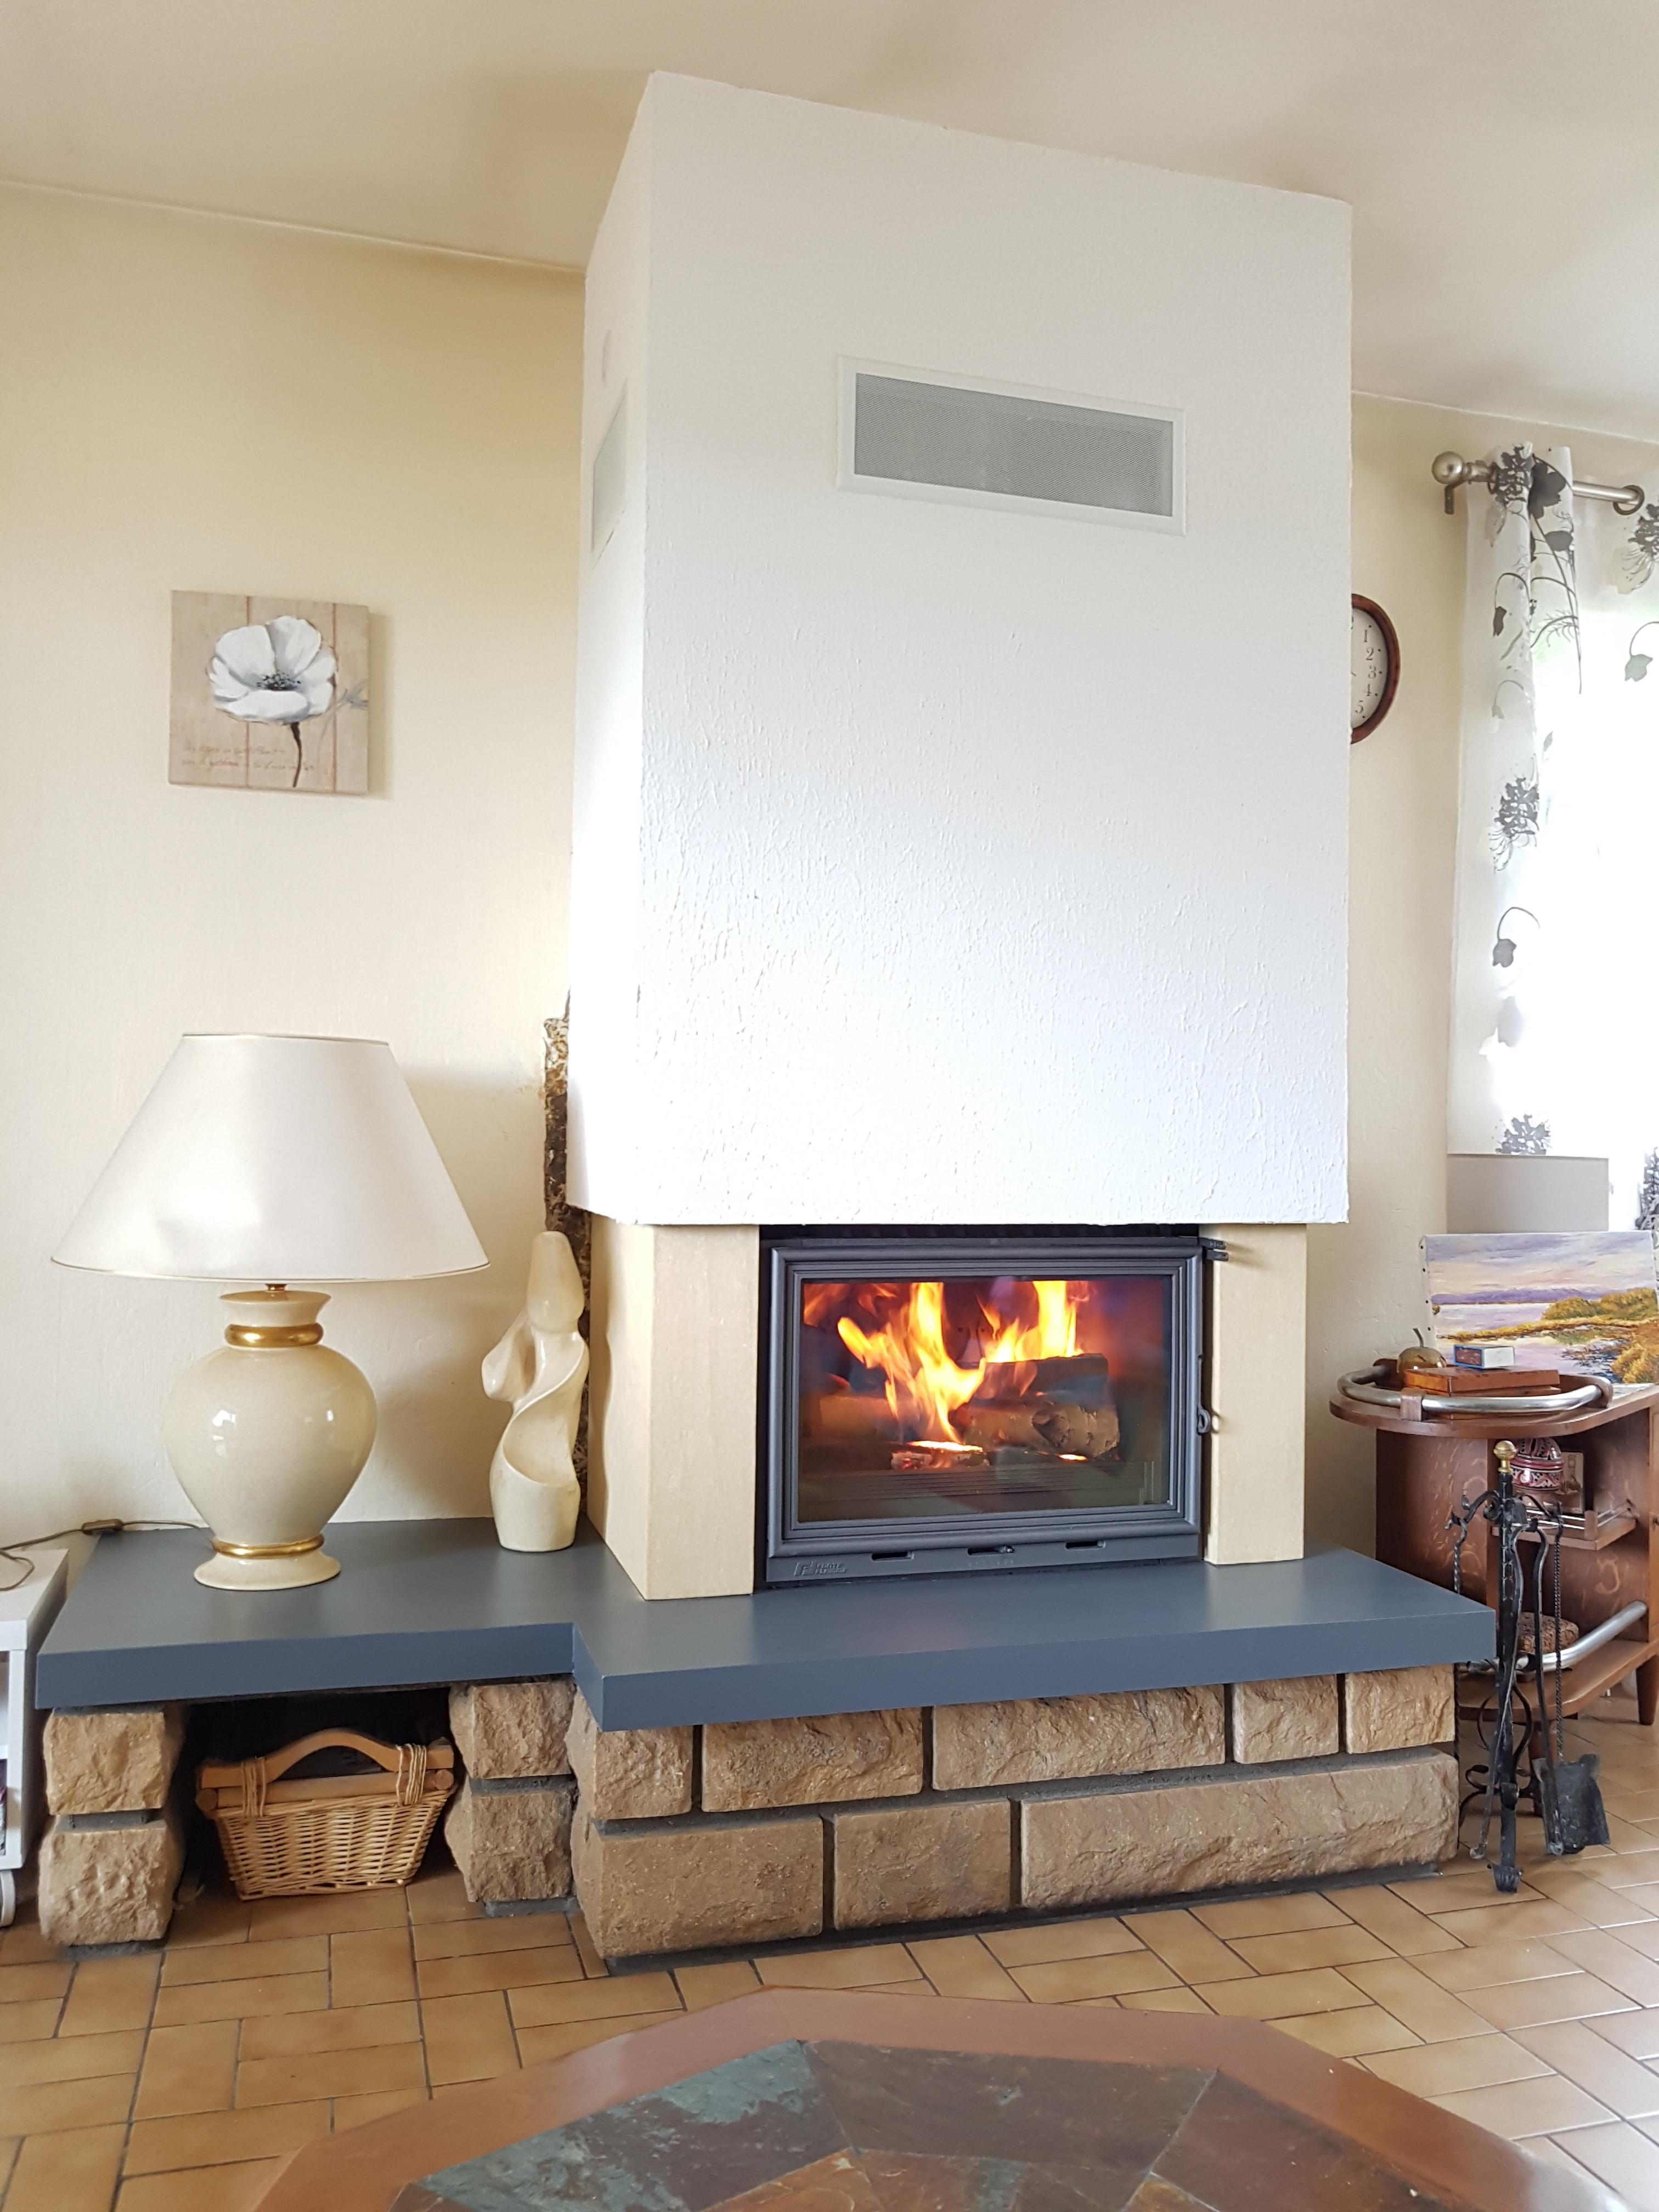 Fonteflamme Foyer 700 avec rénovation complète / ajout de 2 jambages pierre sur mesure